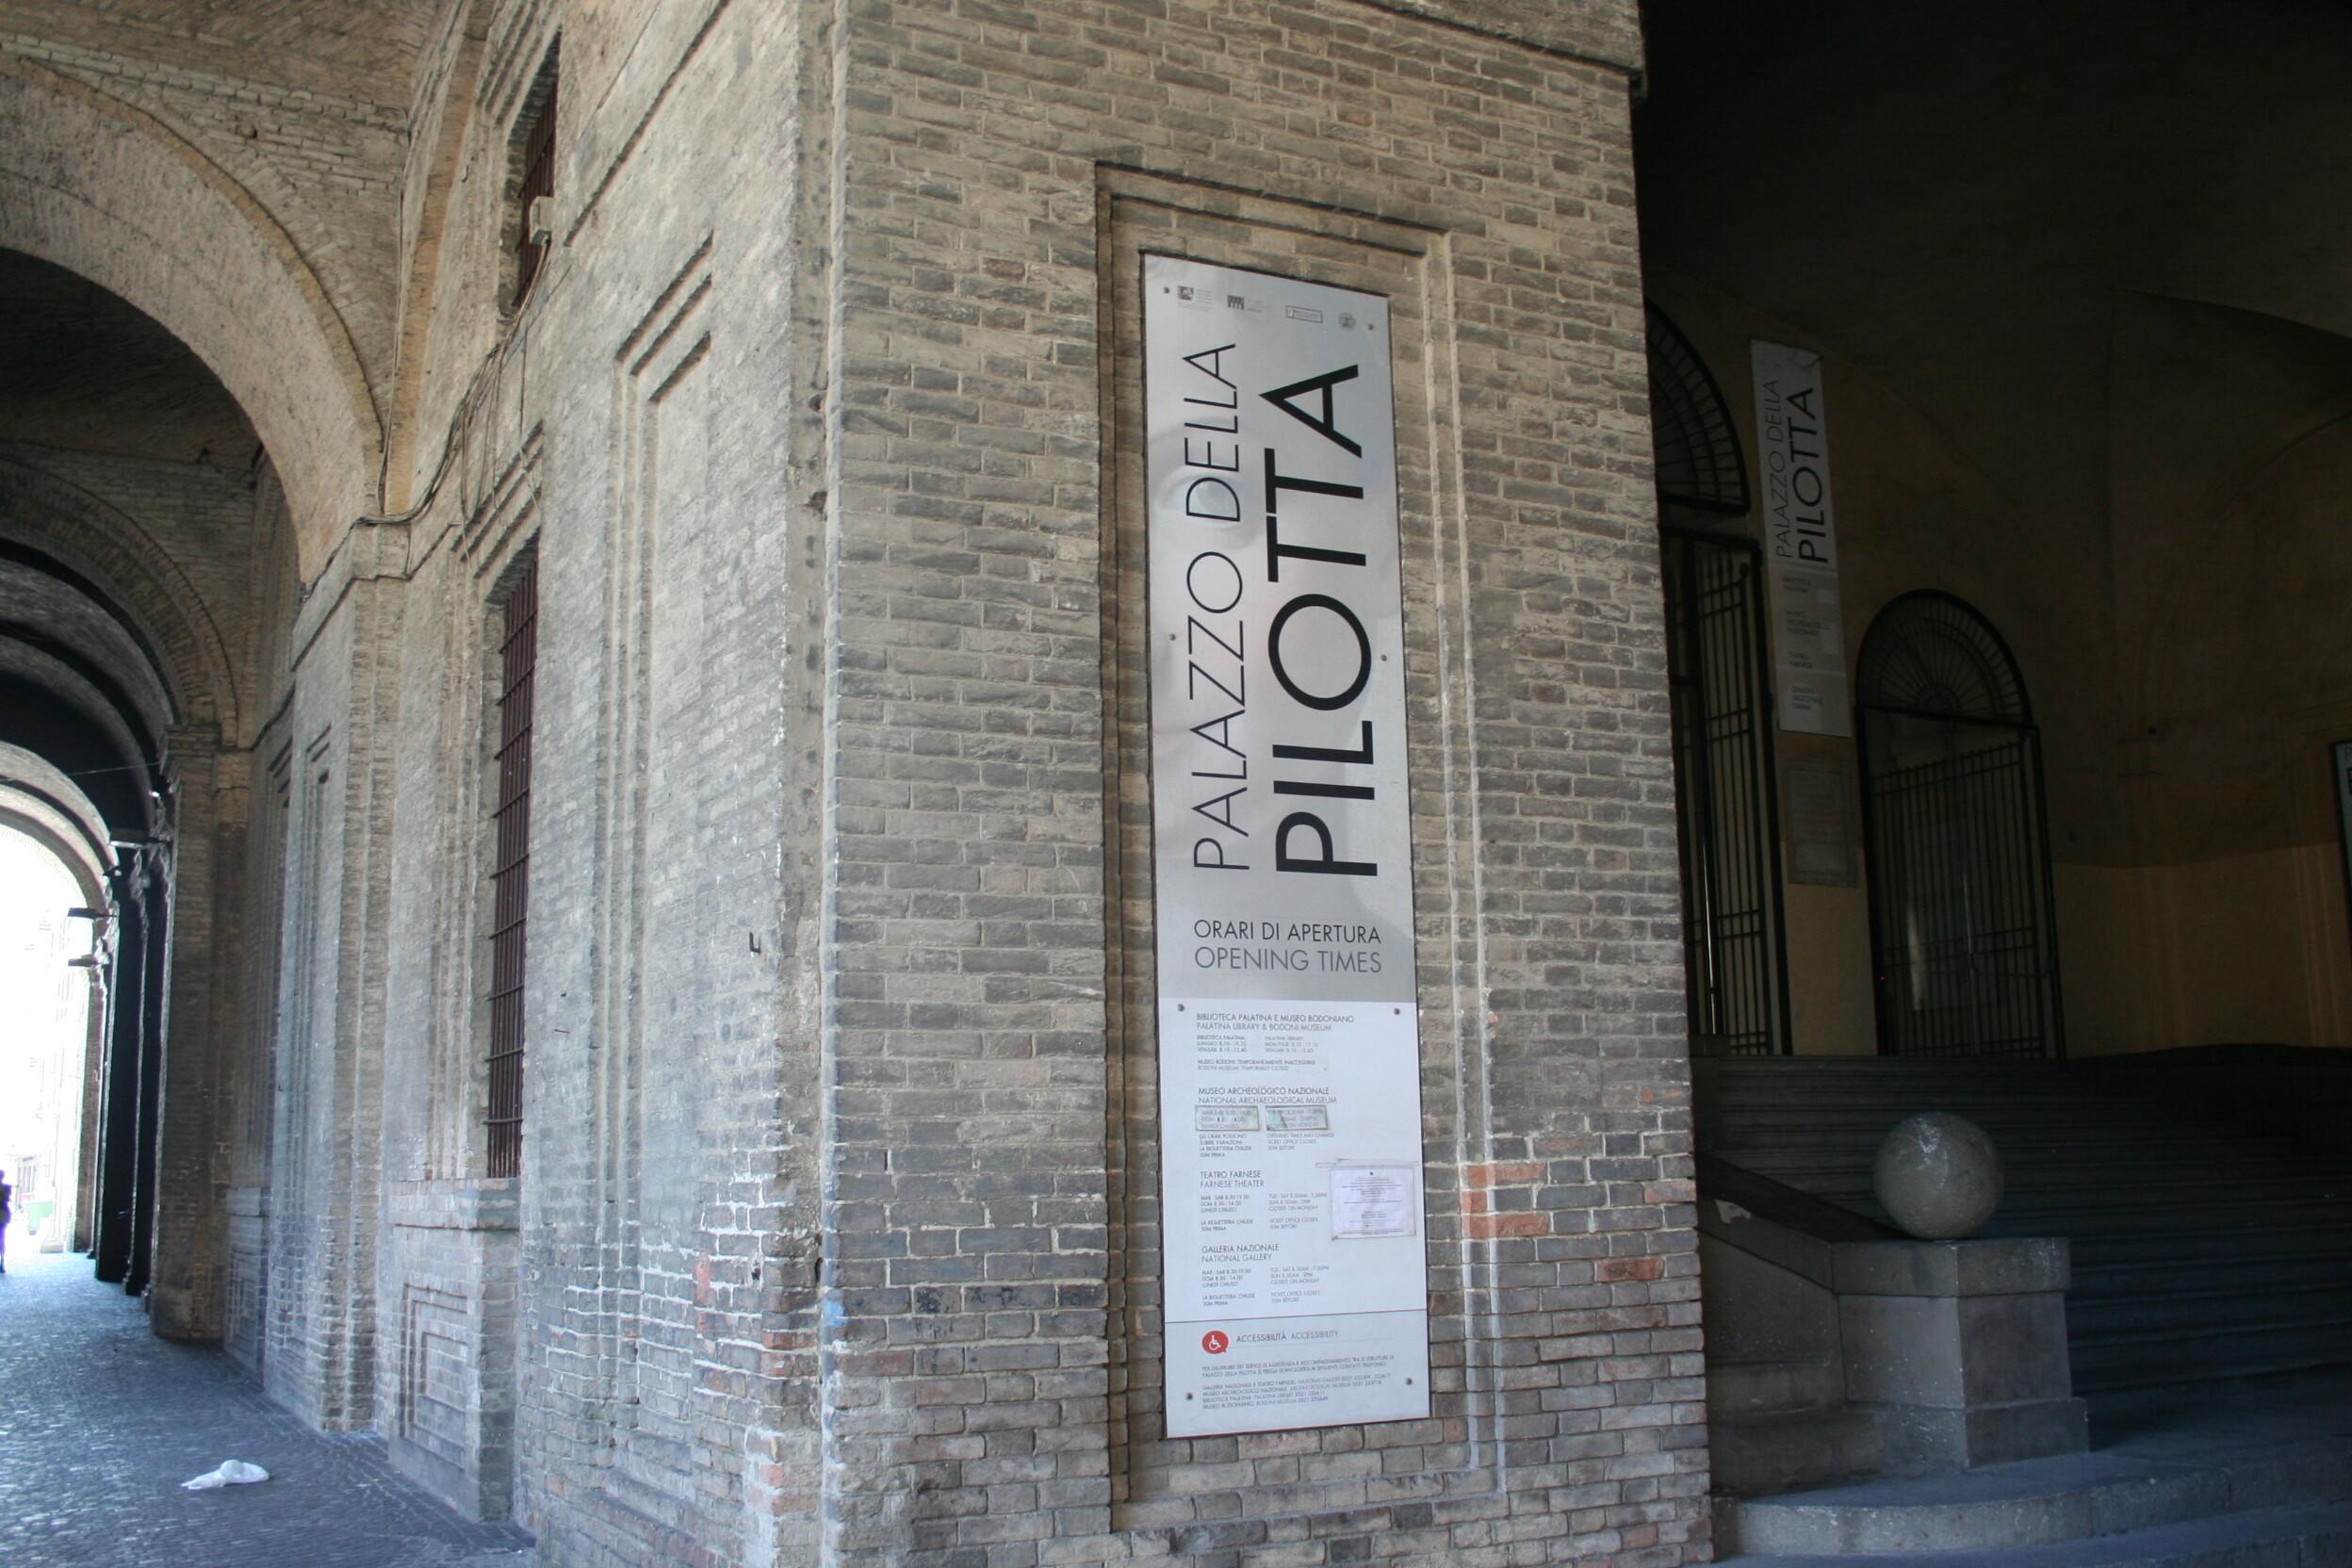 """Mosttra """"I FARNESE: le arti e il potere. Architettura, pittura e meraviglia. Da Papa Paolo III a Elisabetta Farnese Regina 1513-1731"""""""